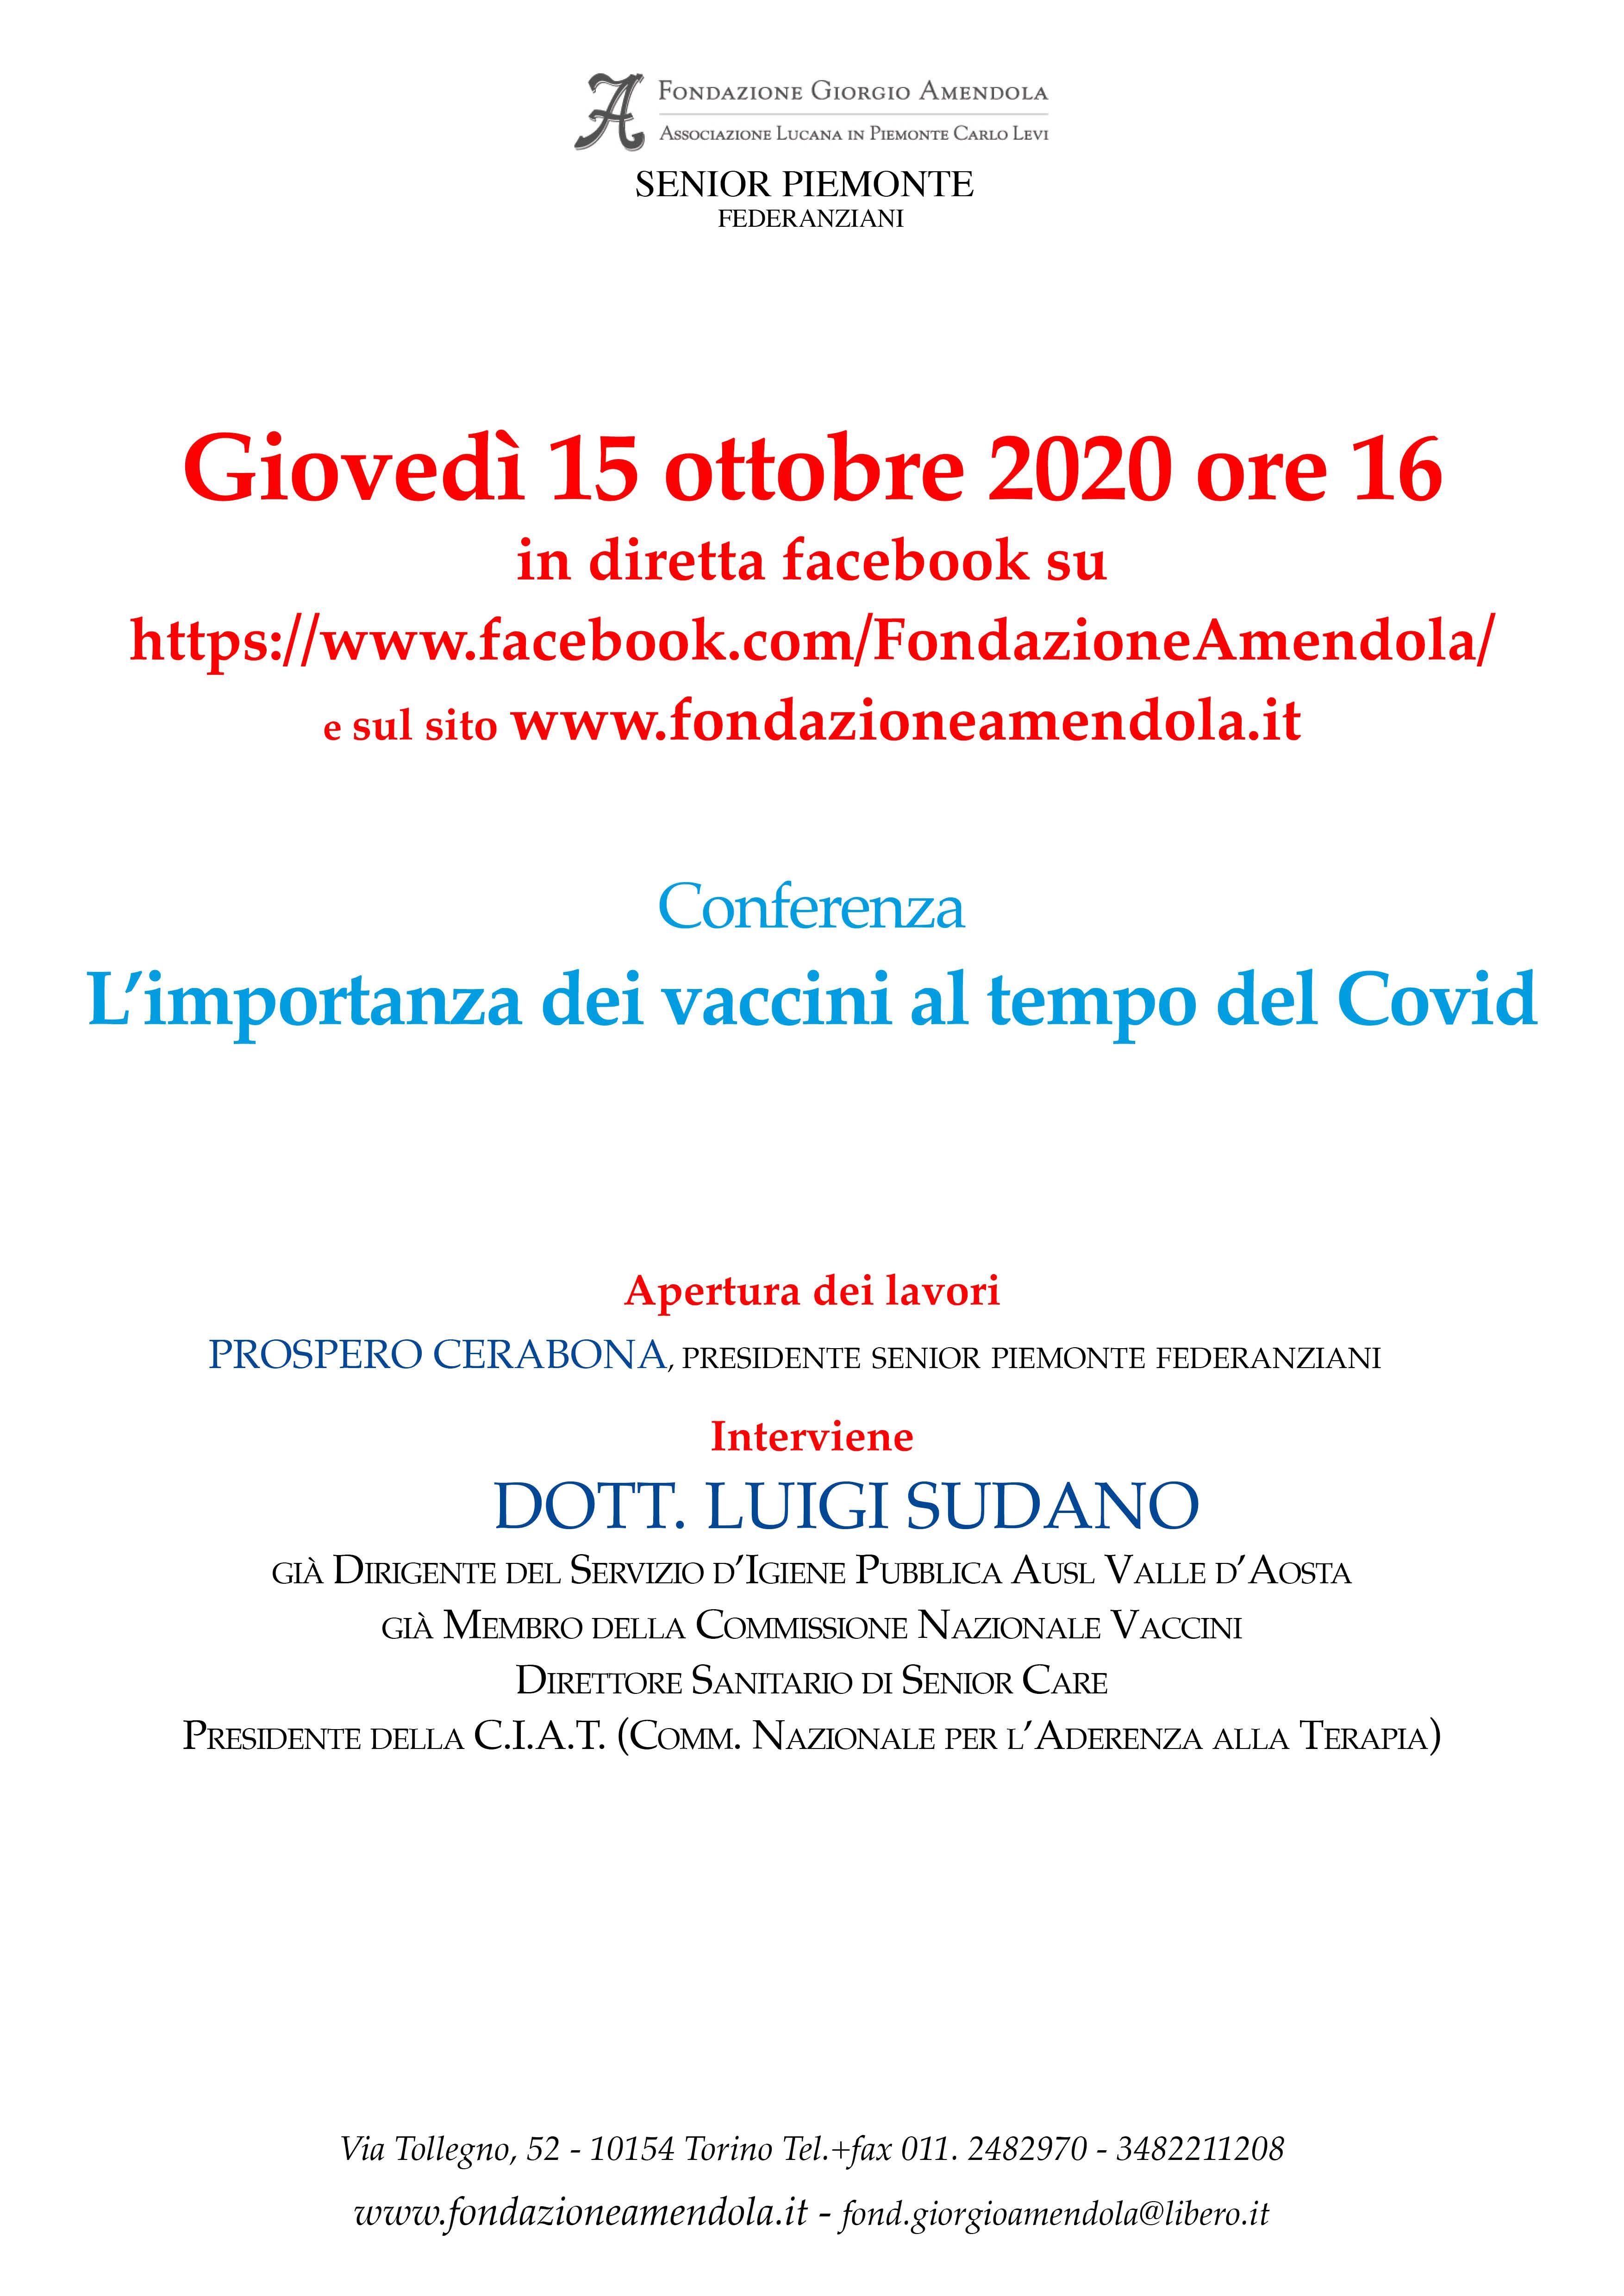 L'importanza Dei Vaccini Al Tempo Del Covid – 15 Ottobre 2020 Ore 16